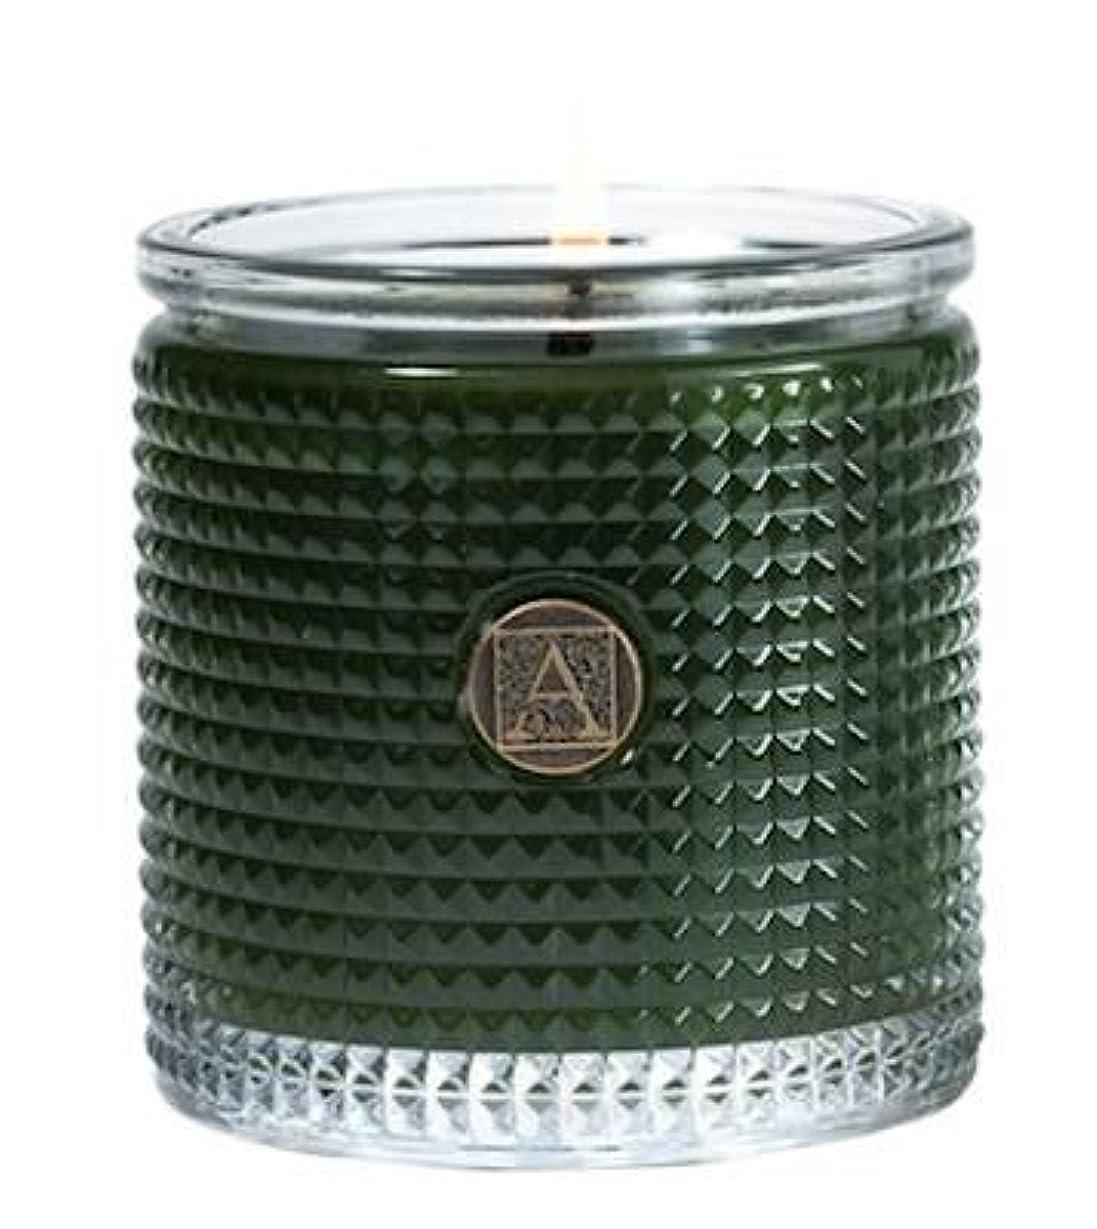 ベリ寝具結婚したSmell of theツリーTextured Glass Candle、5.5 Oz by Aromatique